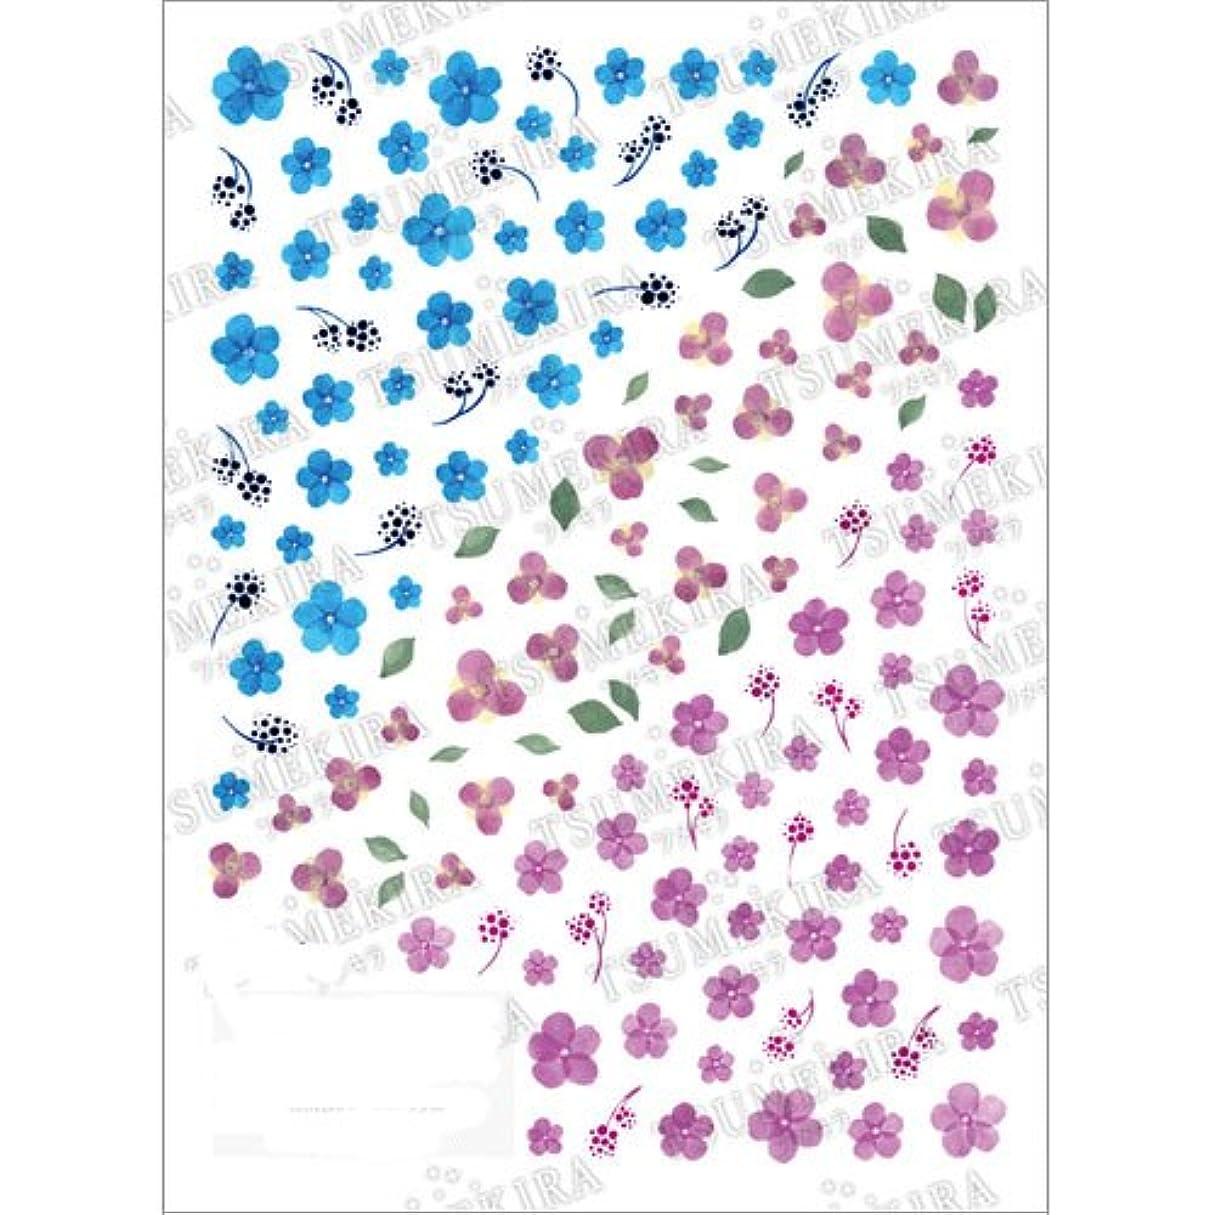 崇拝しますエステート北TSUMEKIRA(ツメキラ) ネイルシール 工藤恭子プロデュース3 水彩フラワー NN-PRD-703 1枚